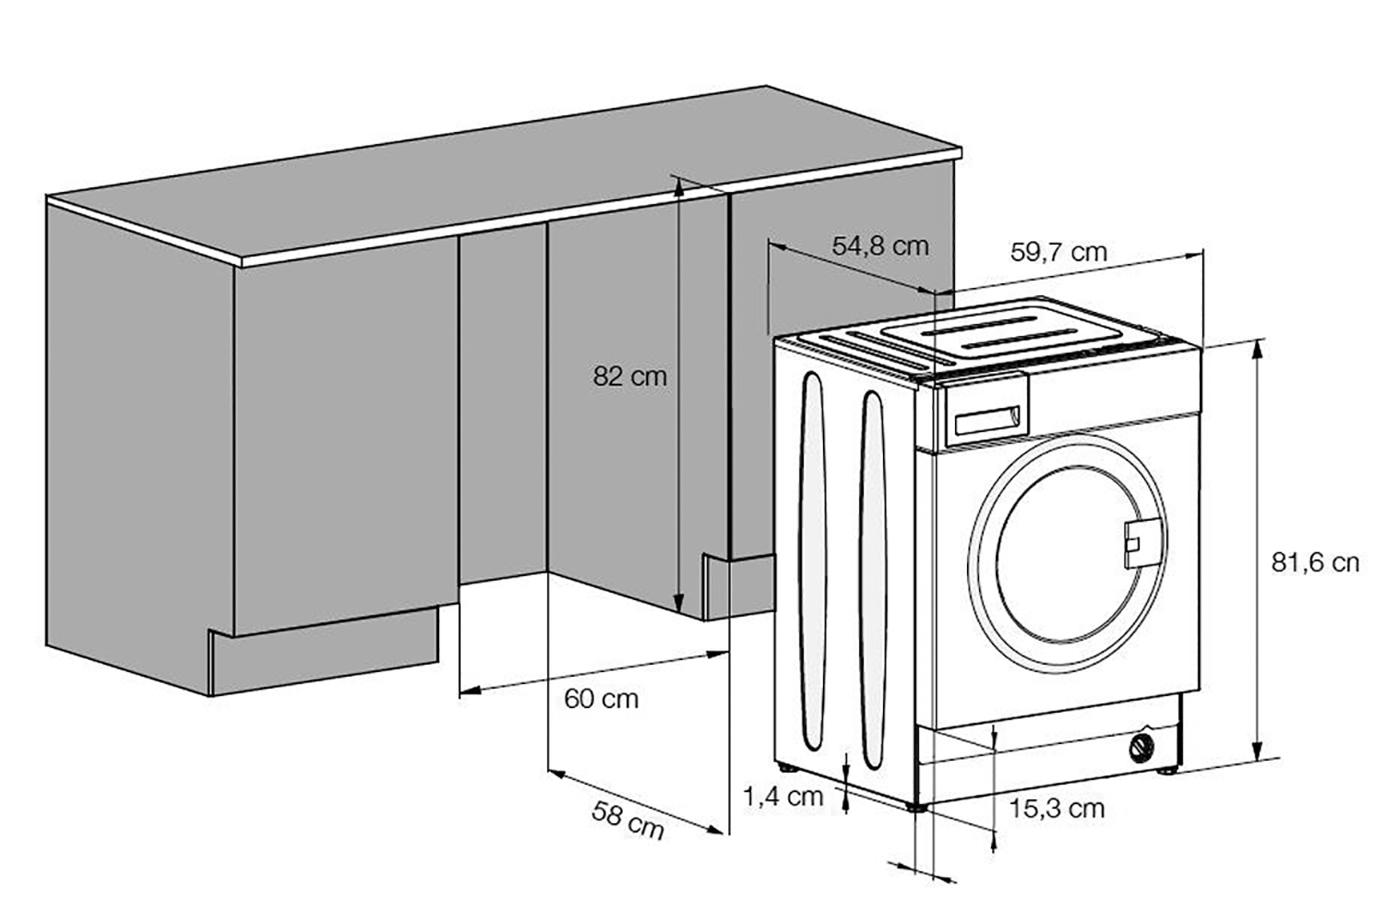 Размеры стиральной машины: высота, ширина, вес, стандартные габариты